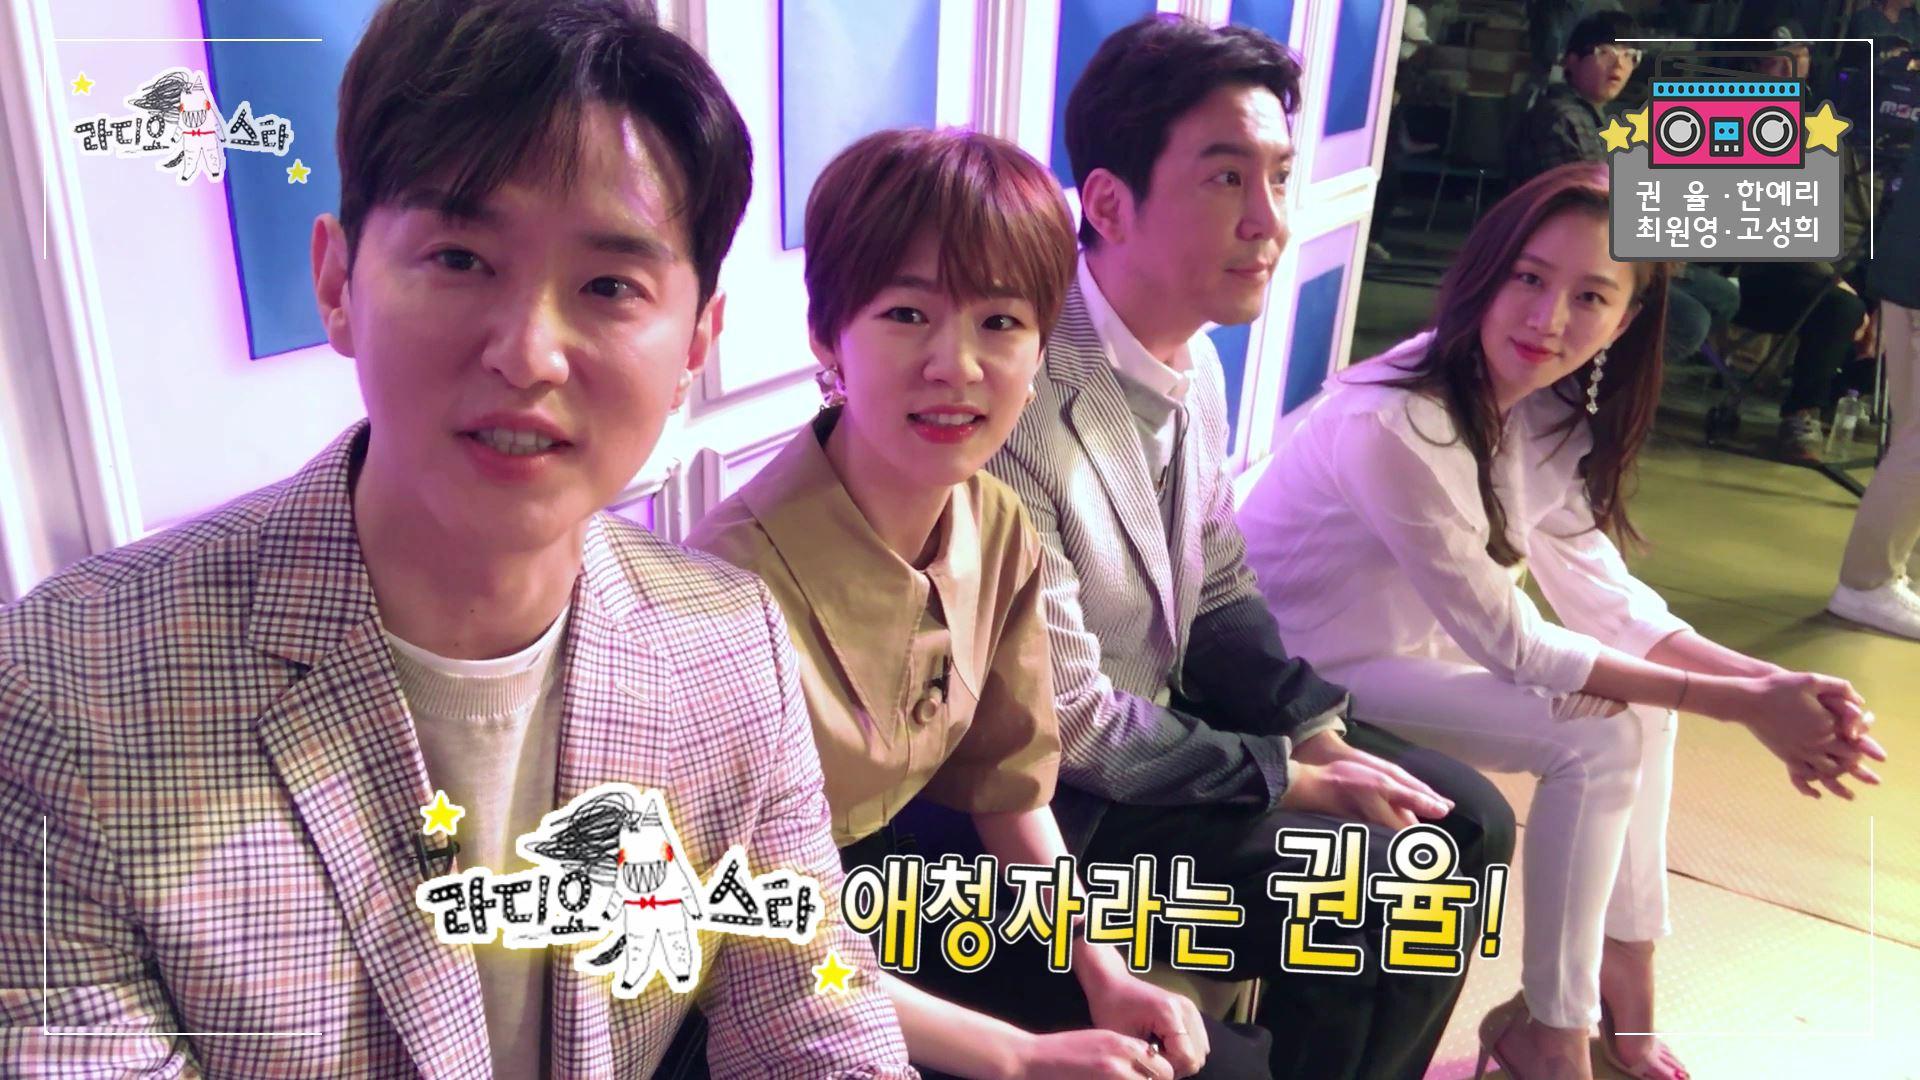 [셀프캠] '라디오스타' 권율-한예리-최원영-고성희, 한식구 혹은 라스팬 특집?